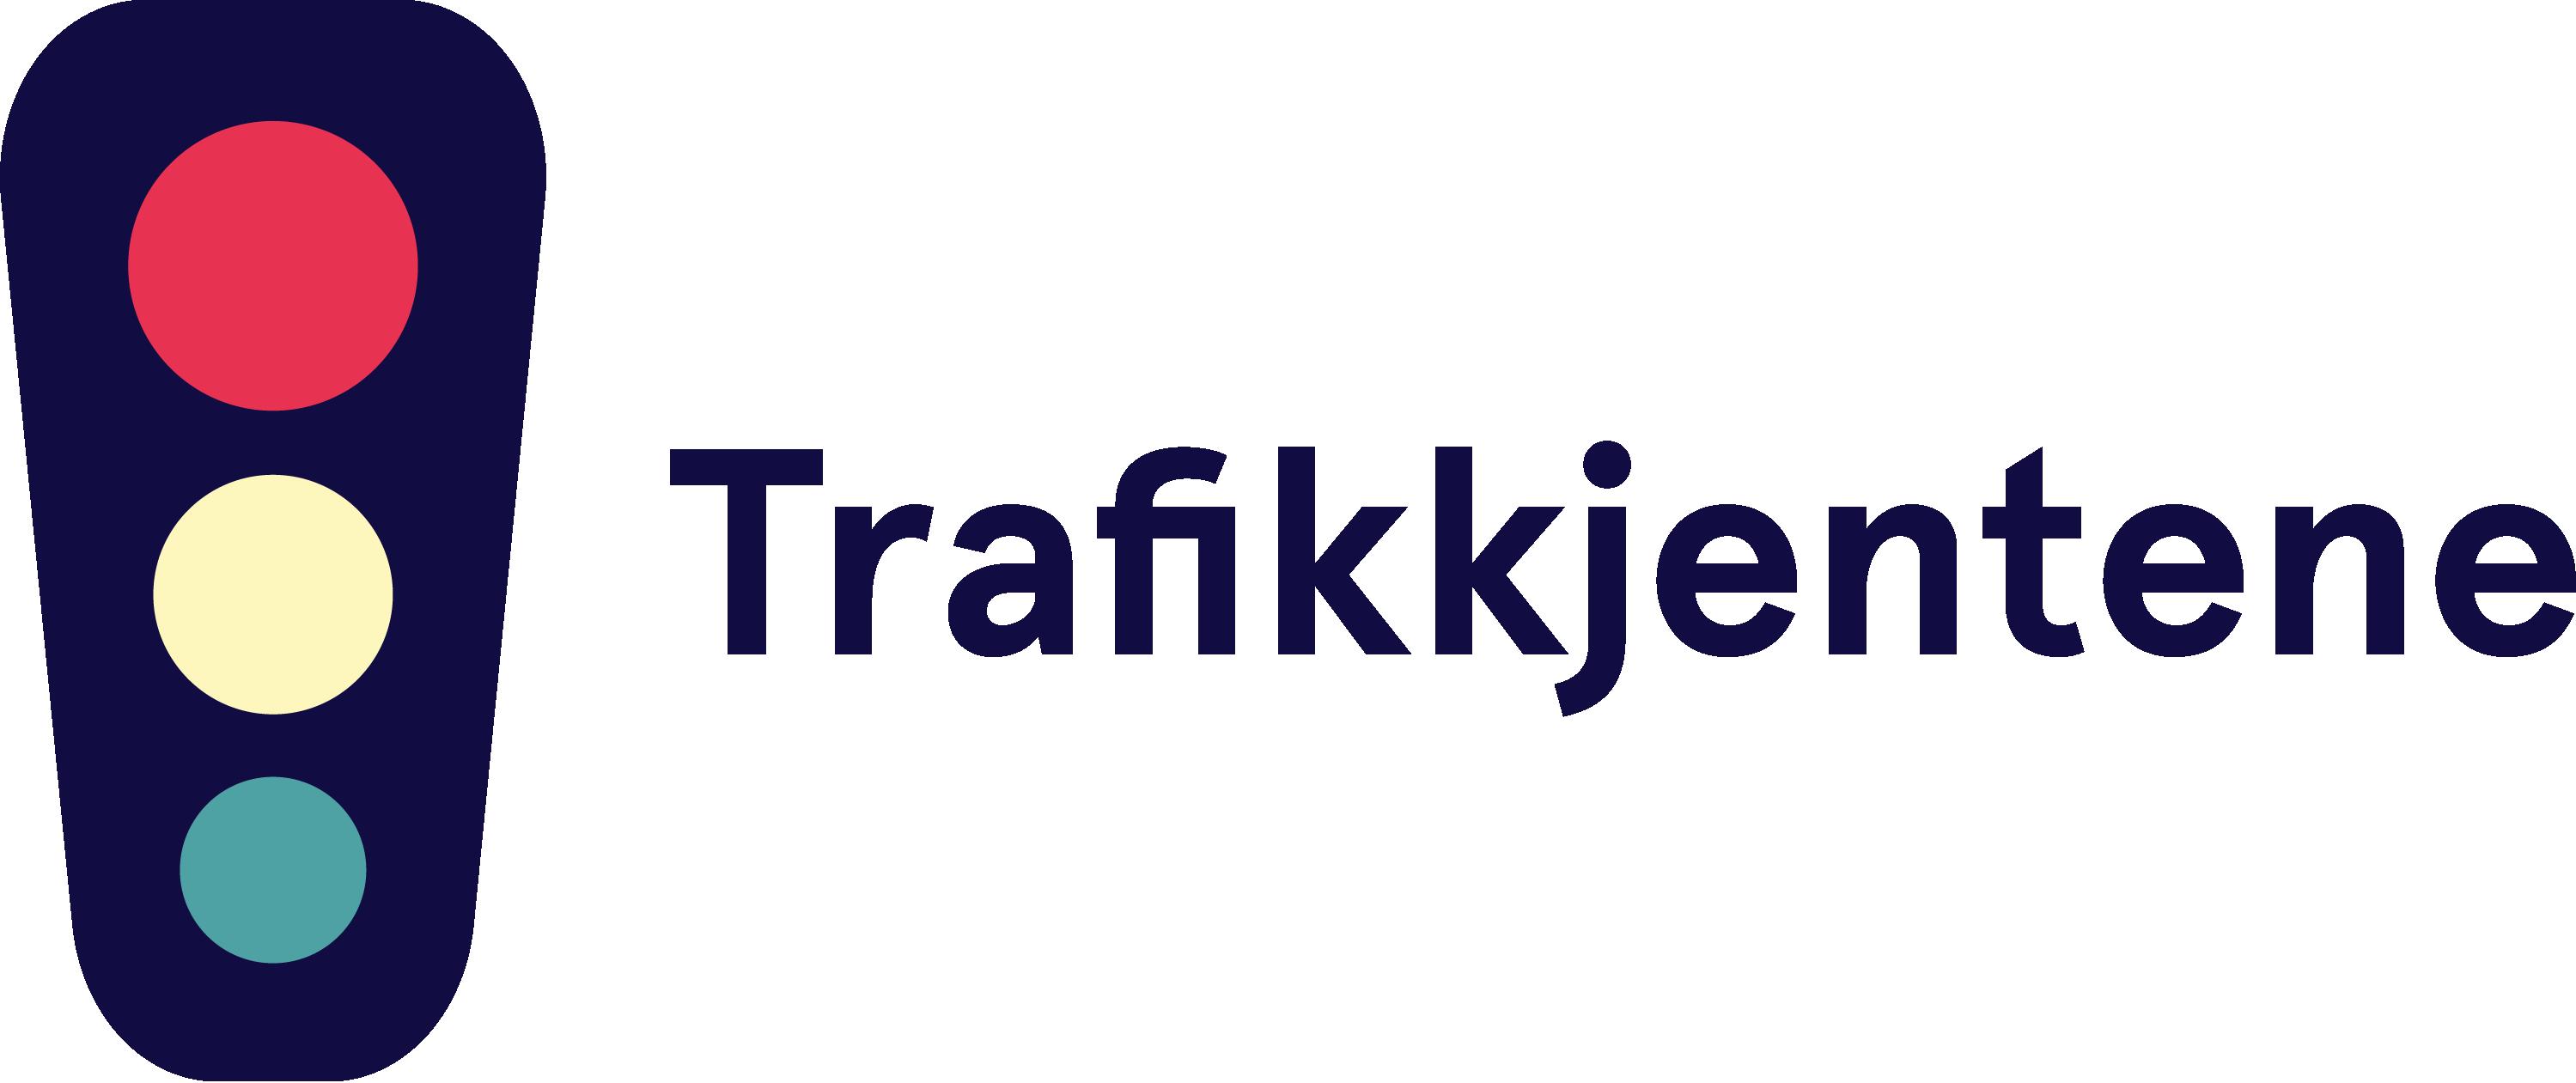 Trafikkjentene sin logo, lenke til trafikkjentene.no.